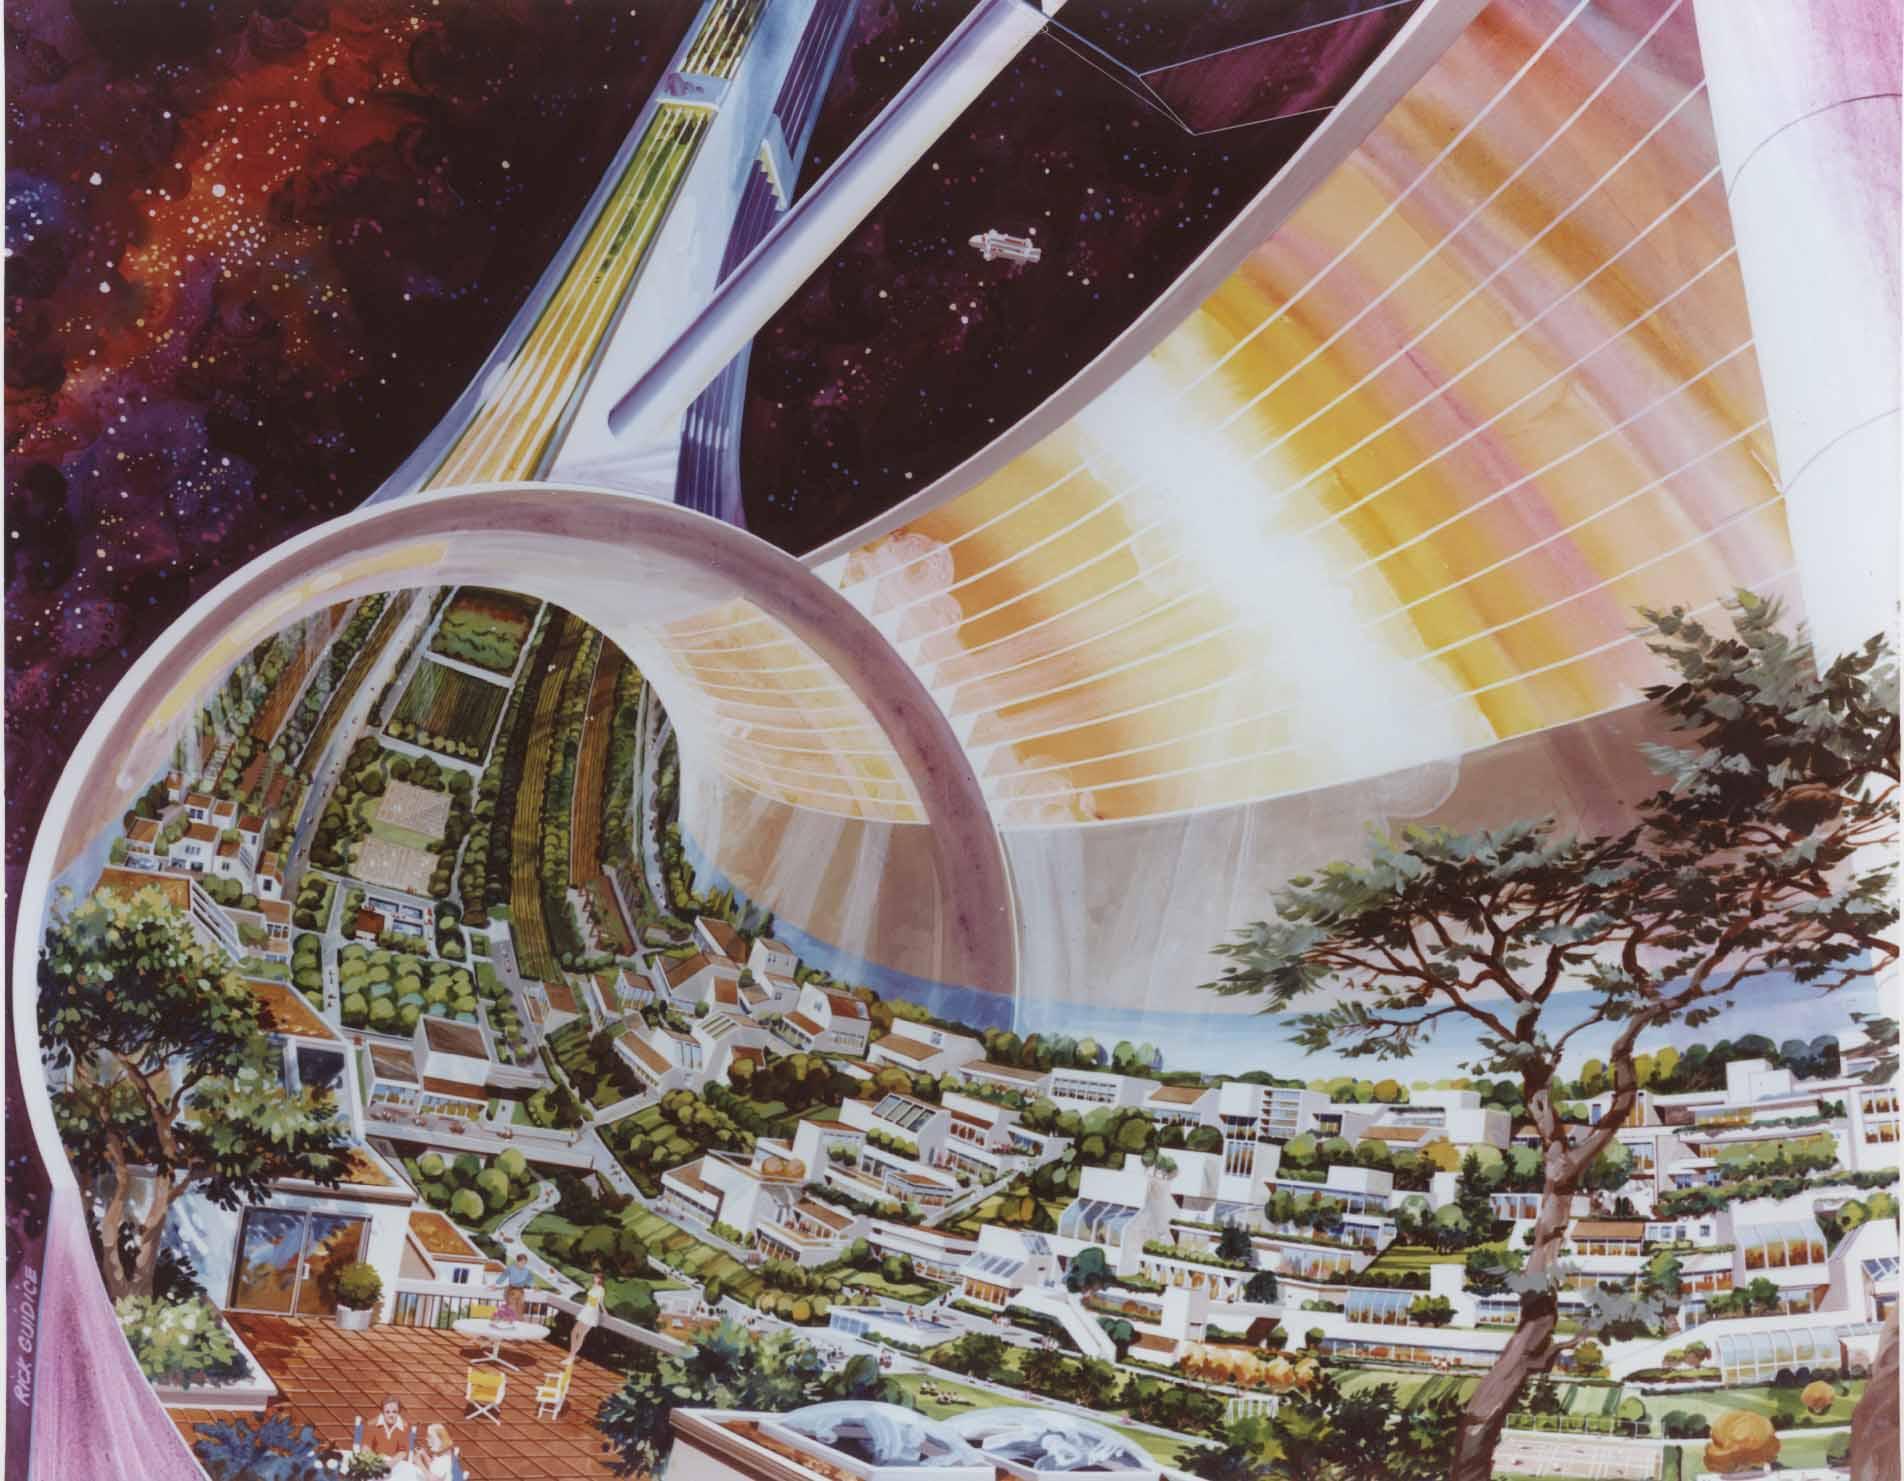 رقابت بین المللی دانش آموزی طراحی فضای سکونت گاه فضایی NASA سال ۲۰۱۶